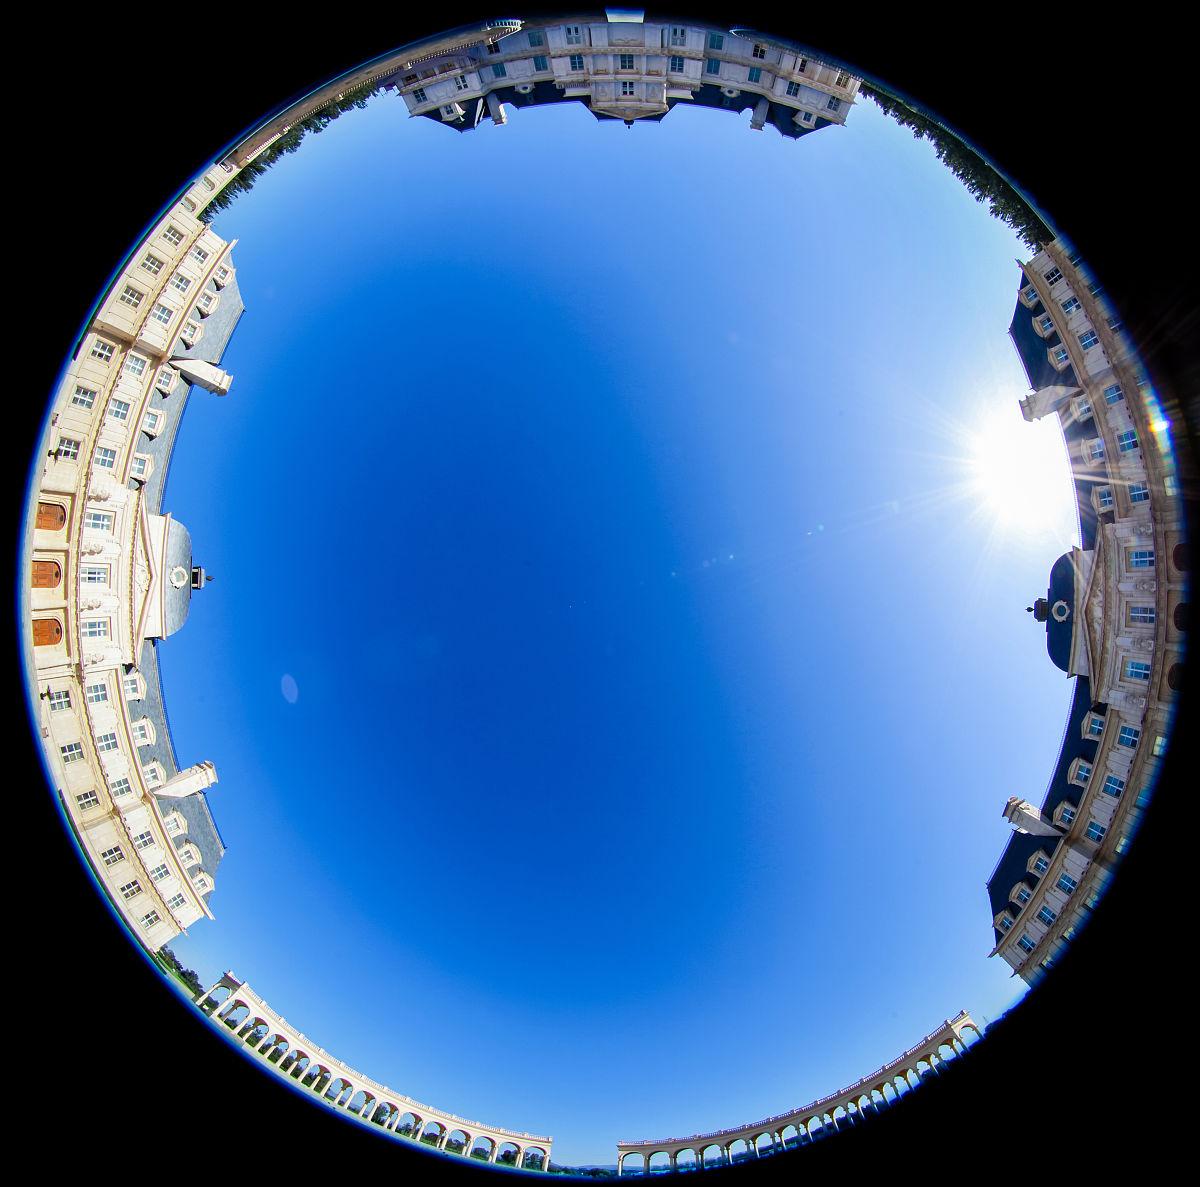 商务,北京拉斐特城堡酒店,干净,简单,度假胜地,宫殿,园林,酒店,圆形图片